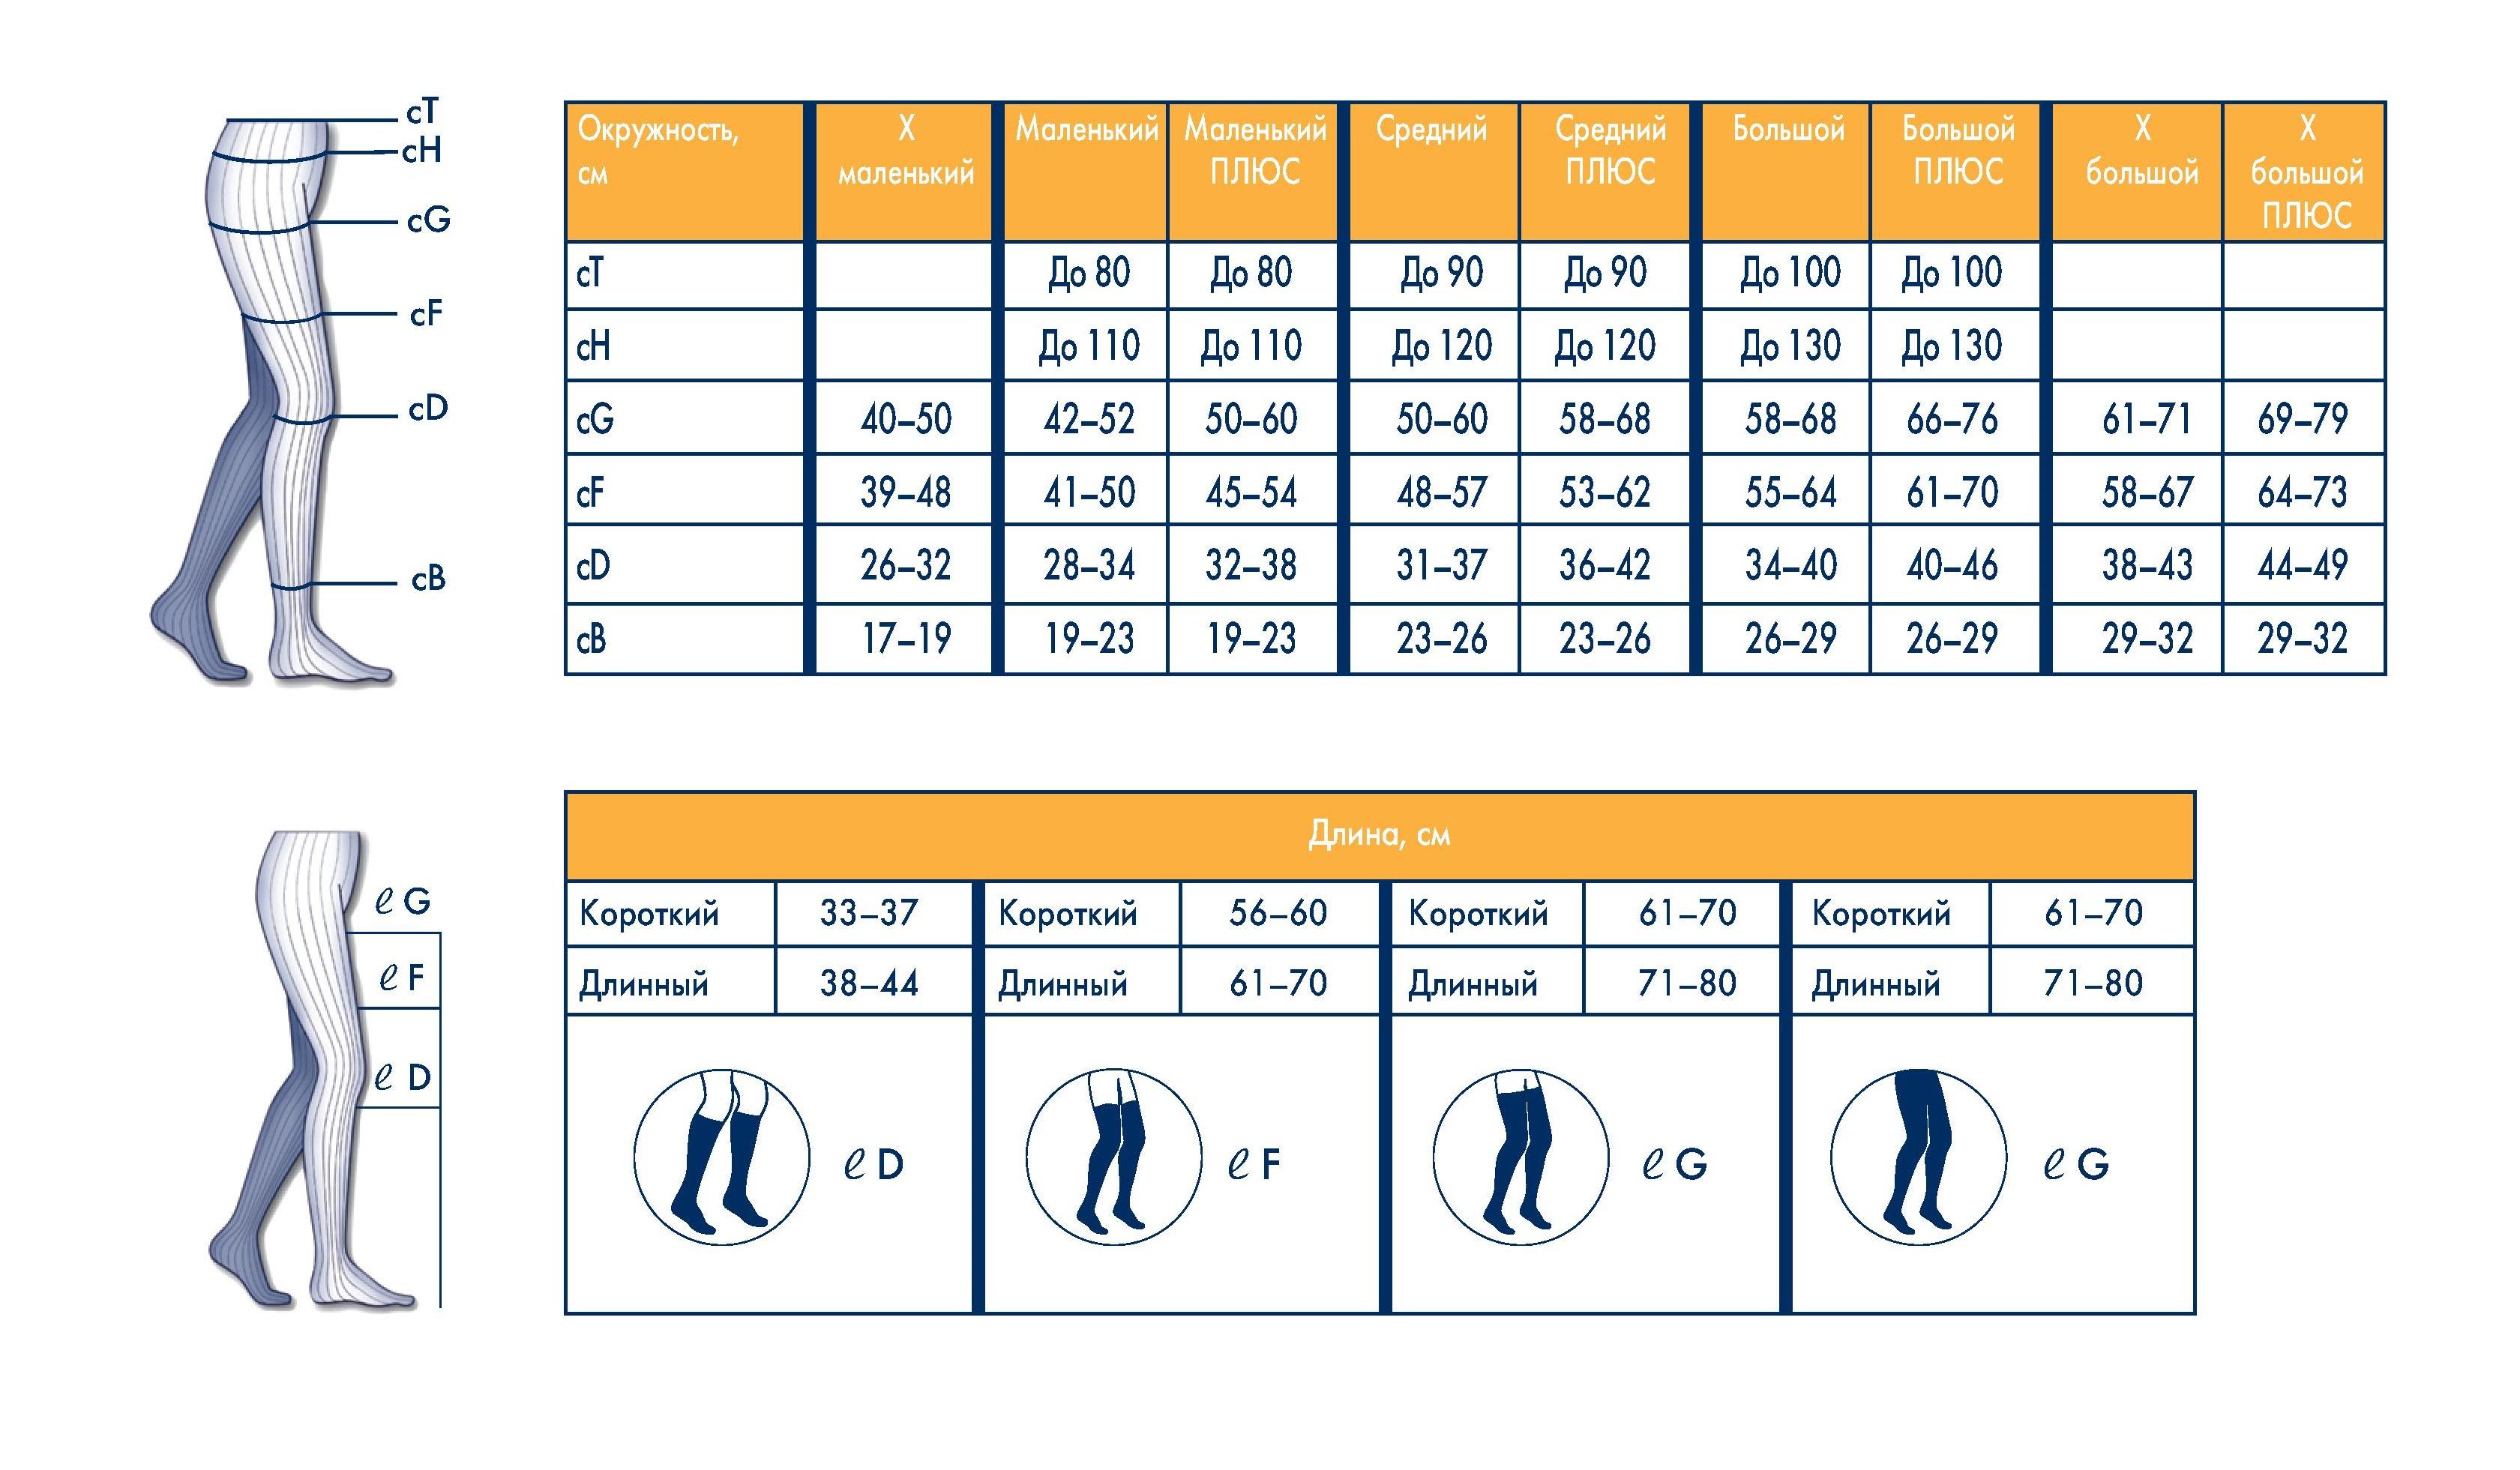 Схема определения размера изделий серии  Traditional